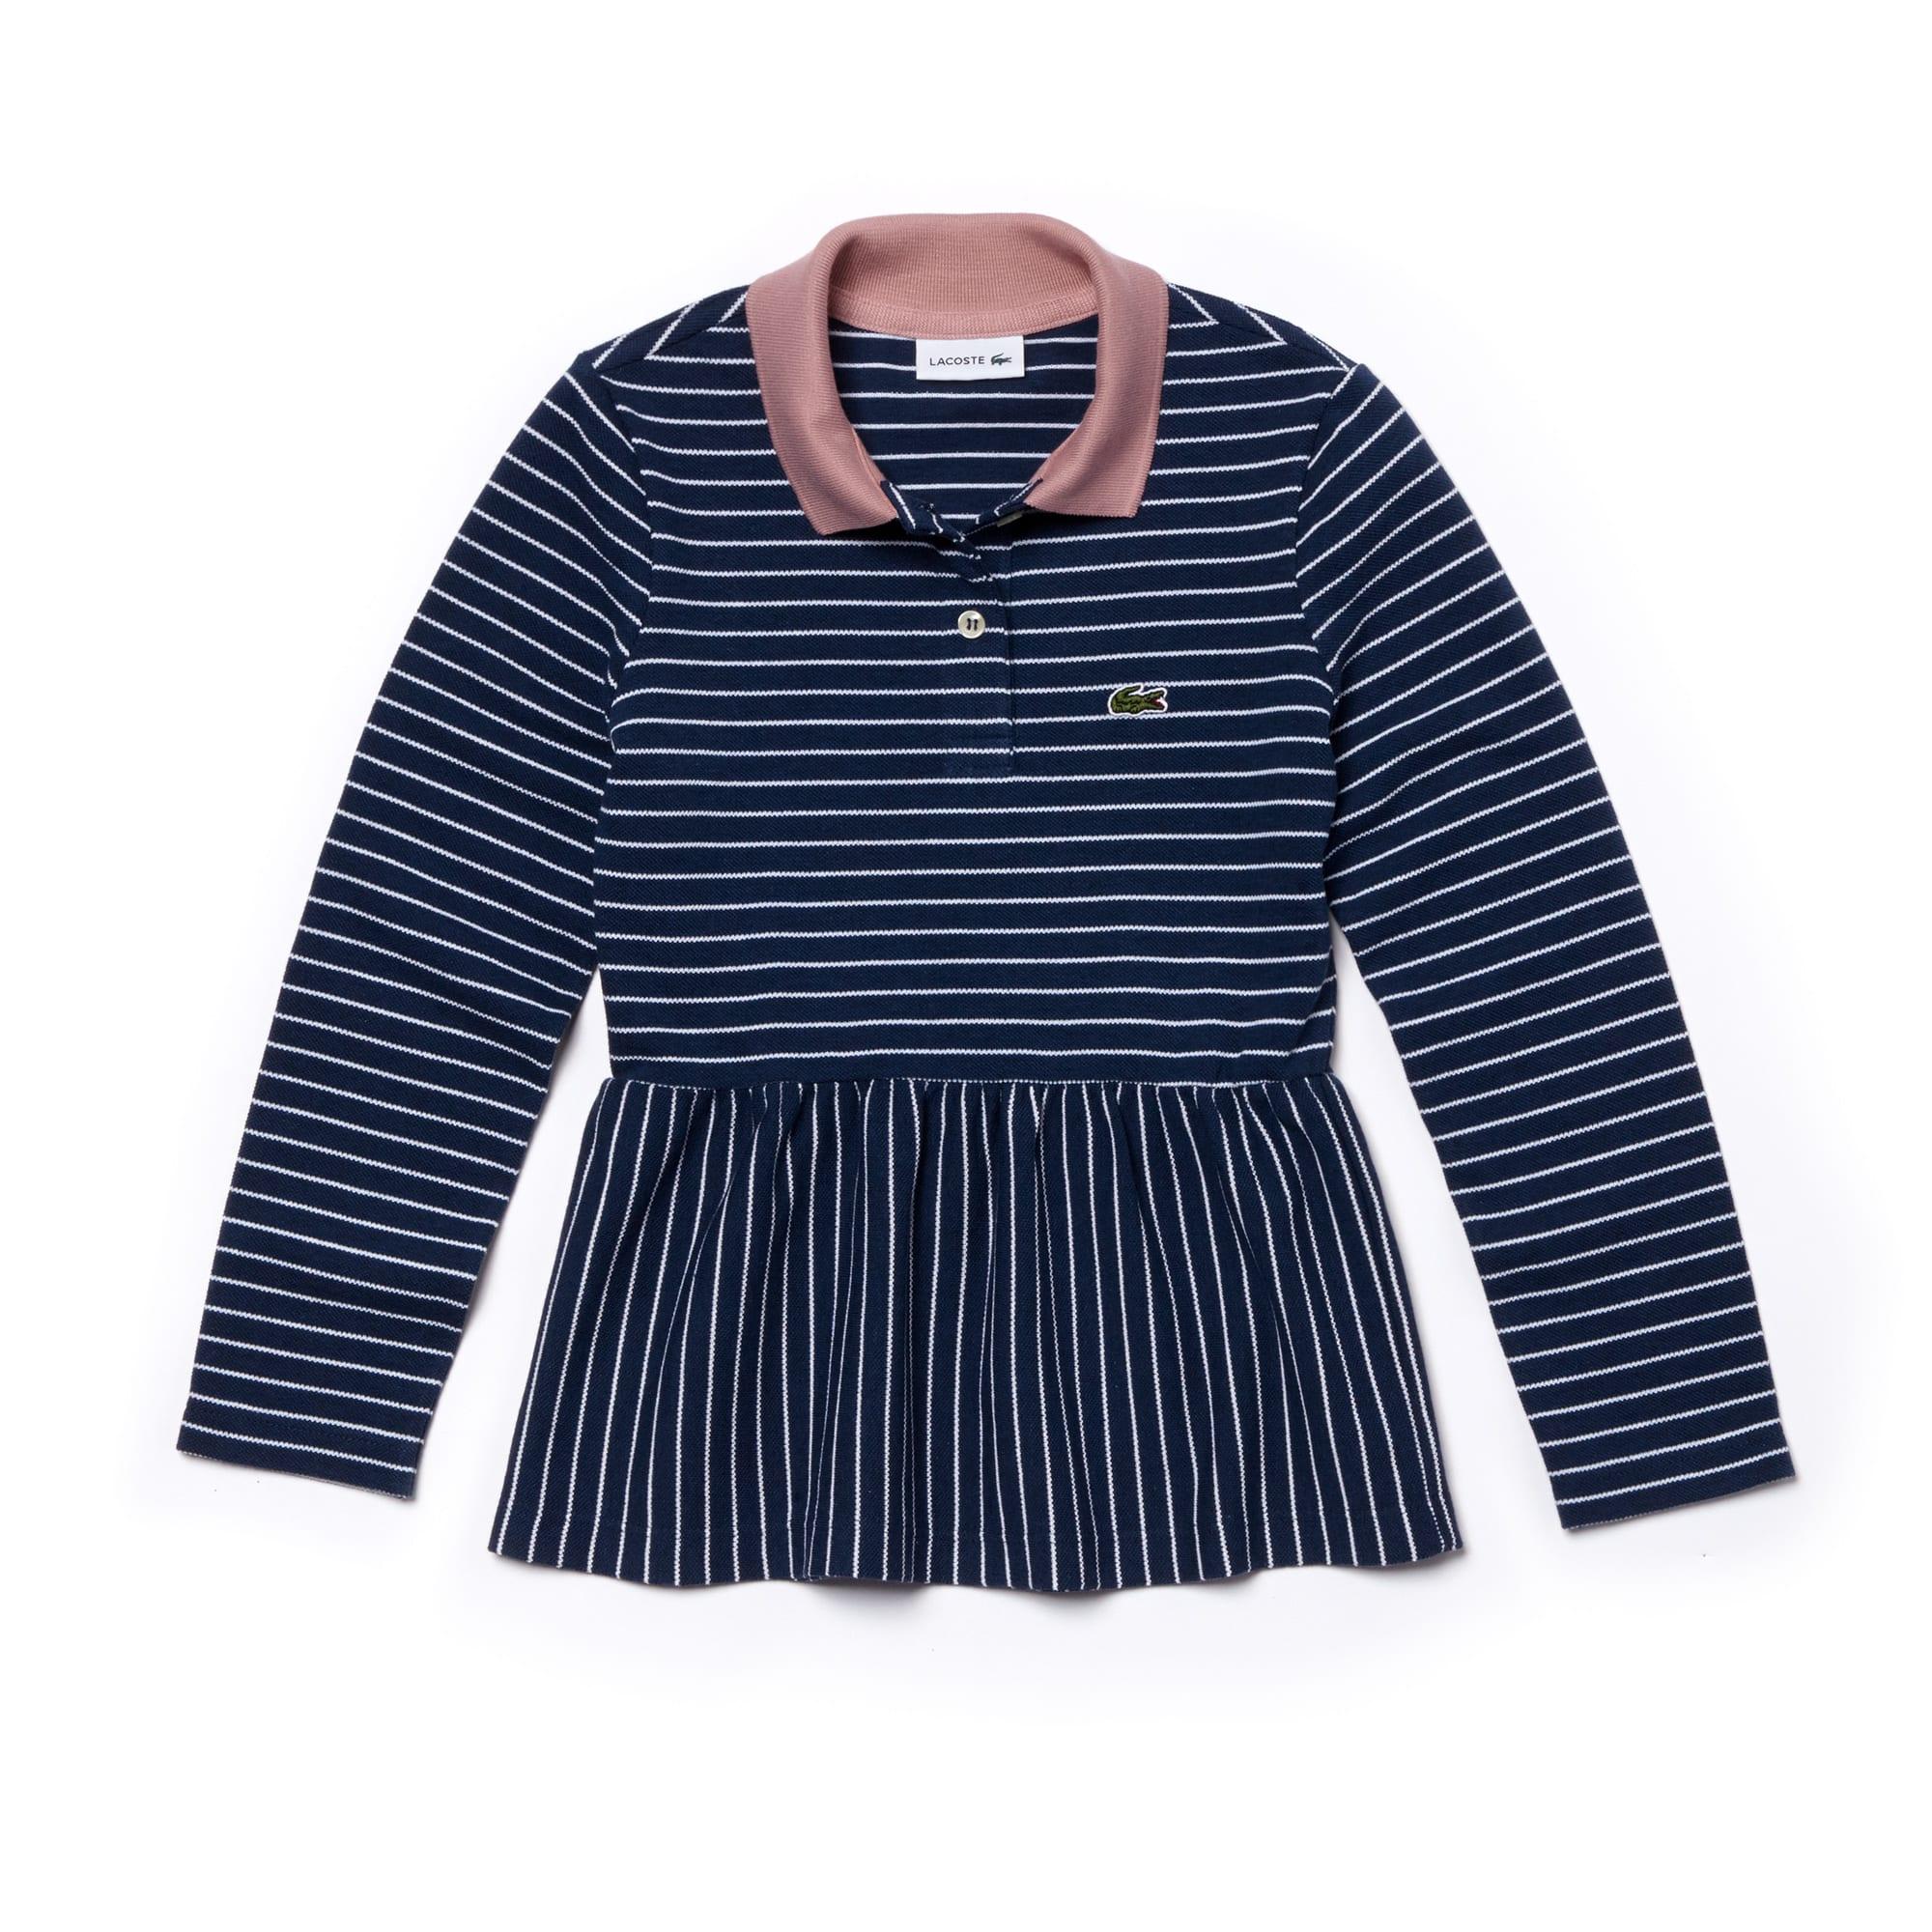 Mädchen LACOSTE Poloshirt aus gestreiftem Piqué